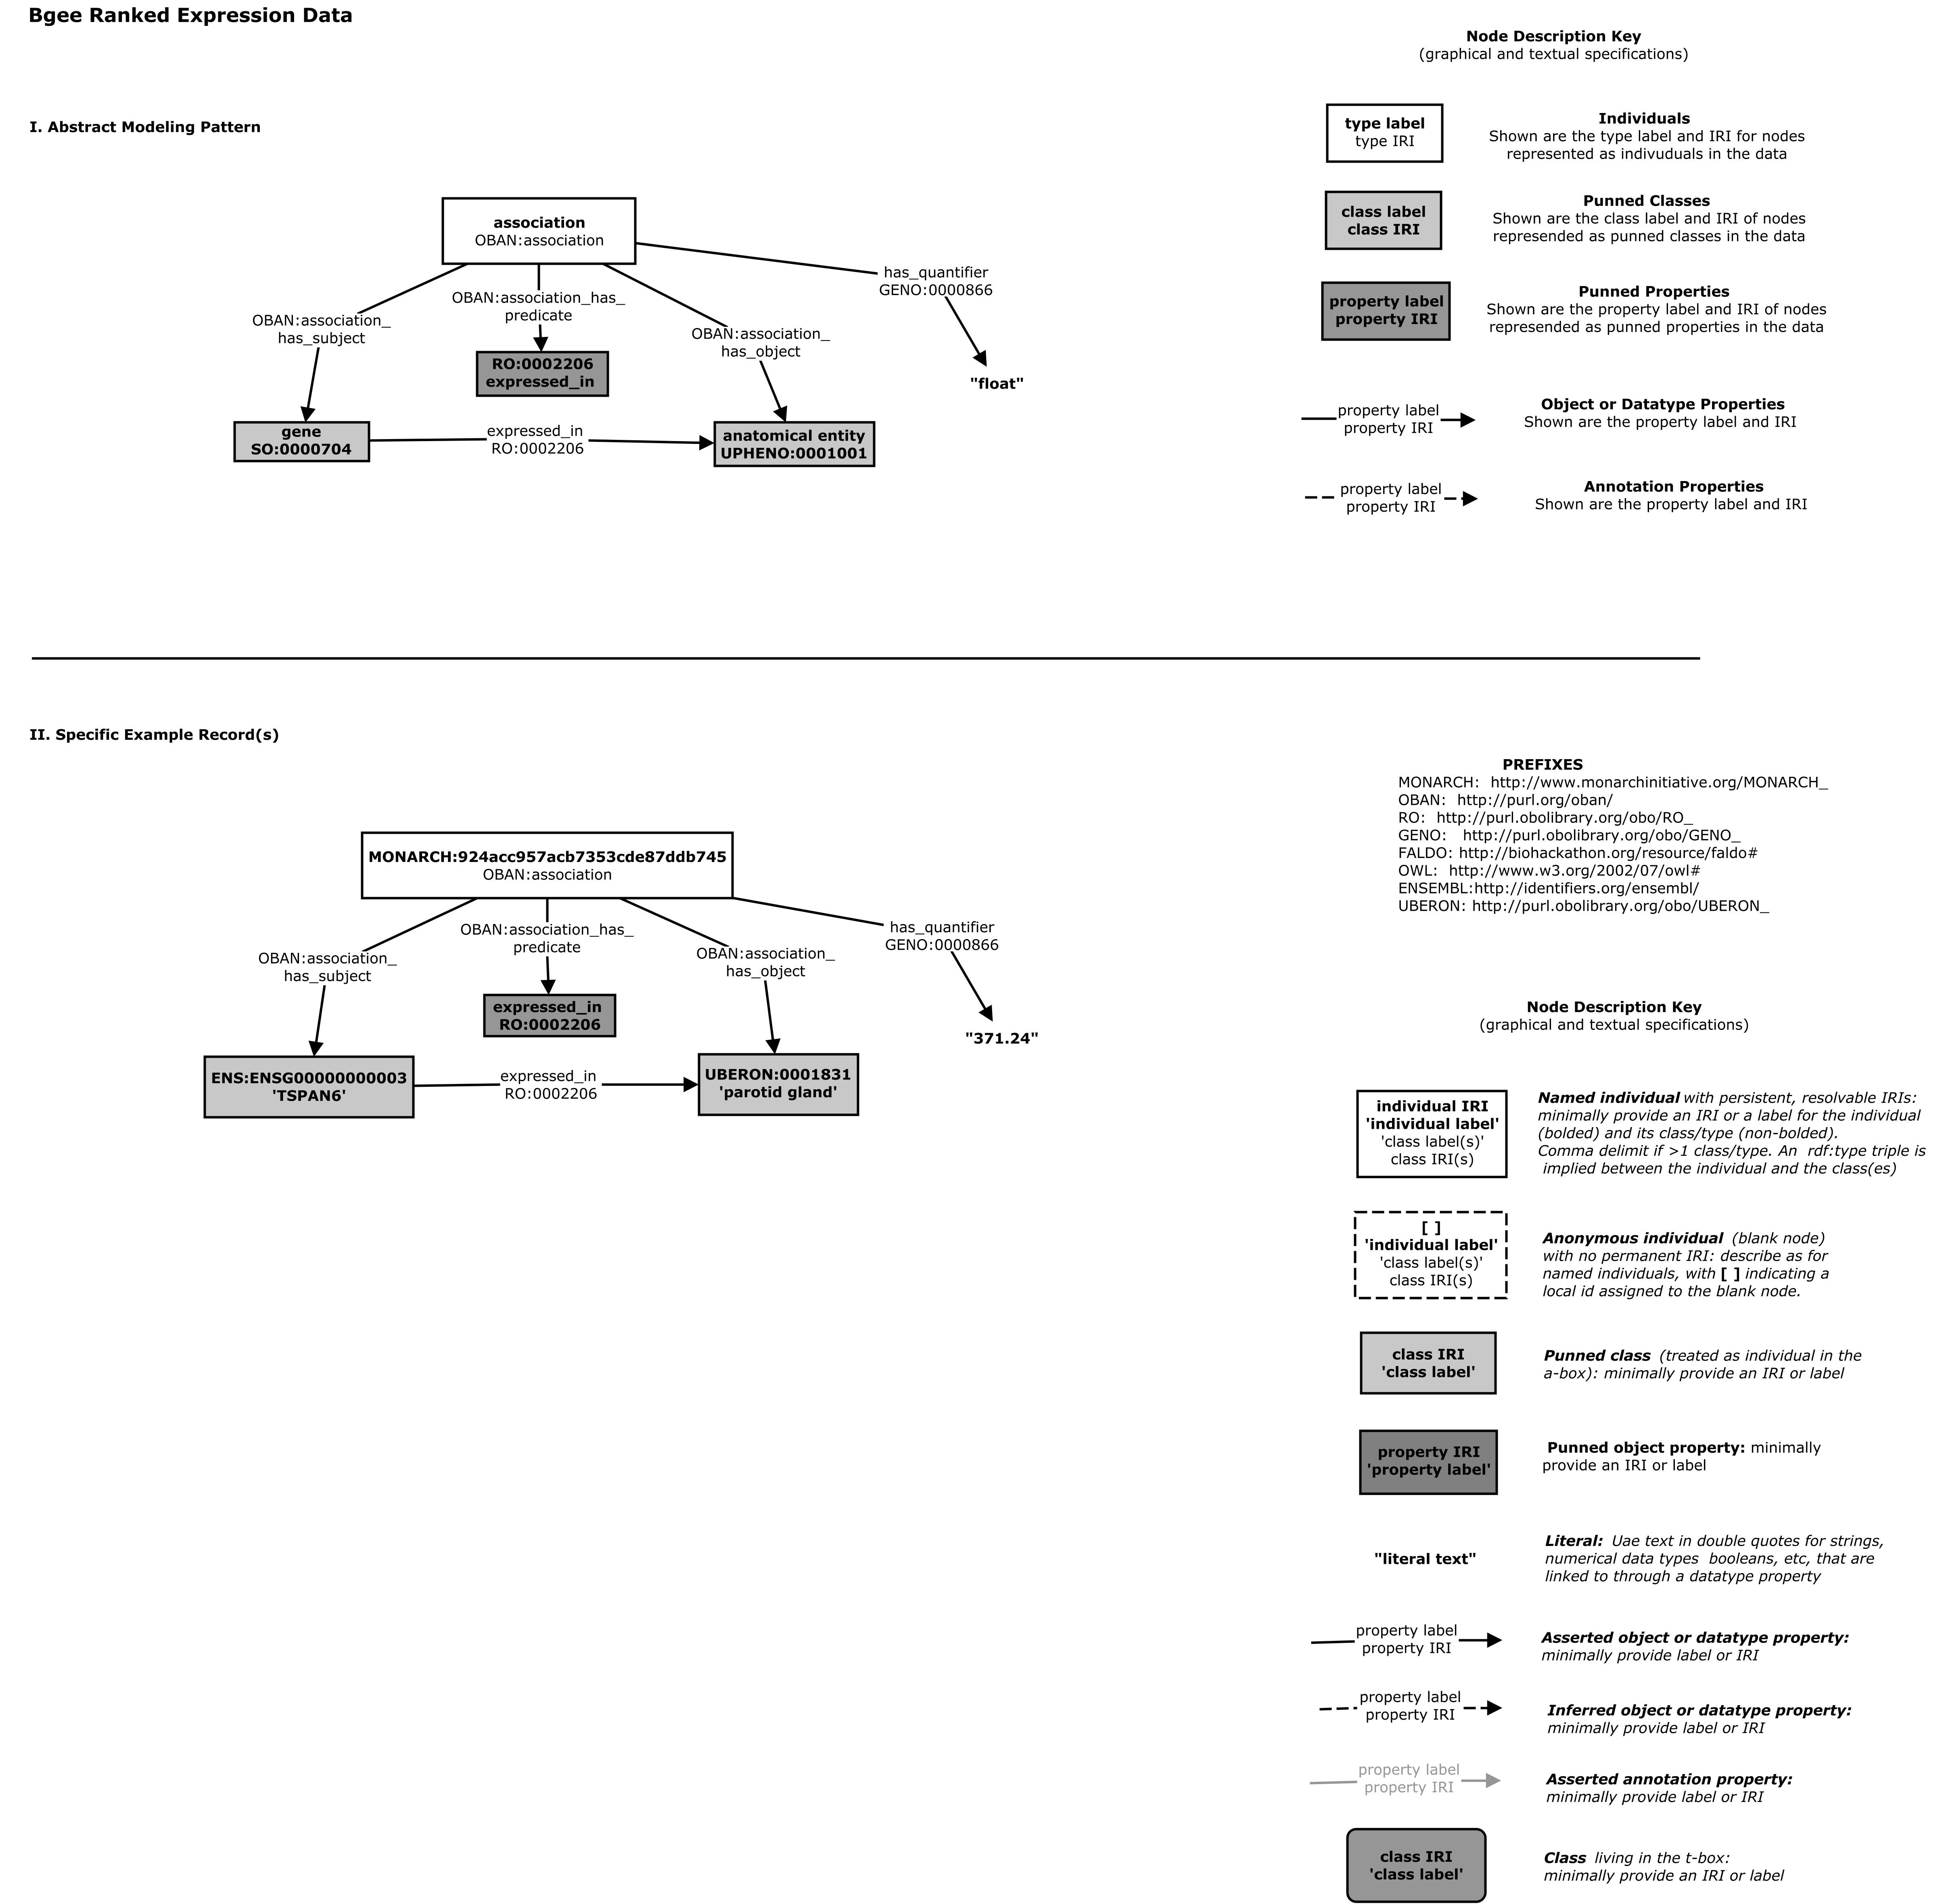 biolink-model/README.md at master · biolink/biolink-model · GitHub